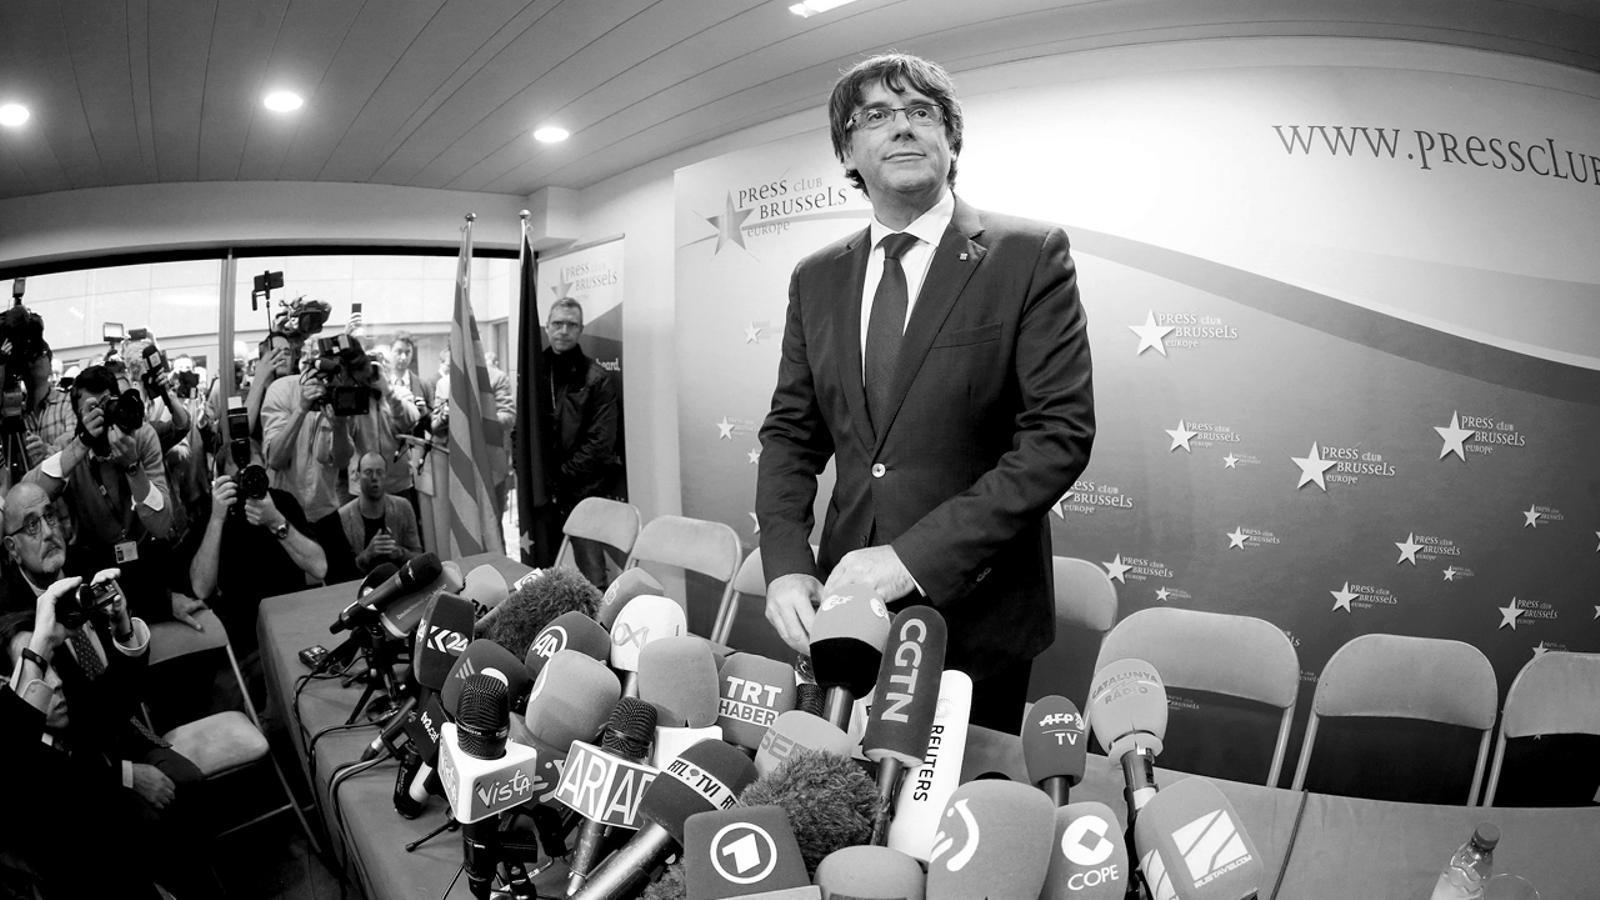 L'anàlisi d'Antoni Bassas: 'Després d'escoltar el president Puigdemont a Brussel·les'